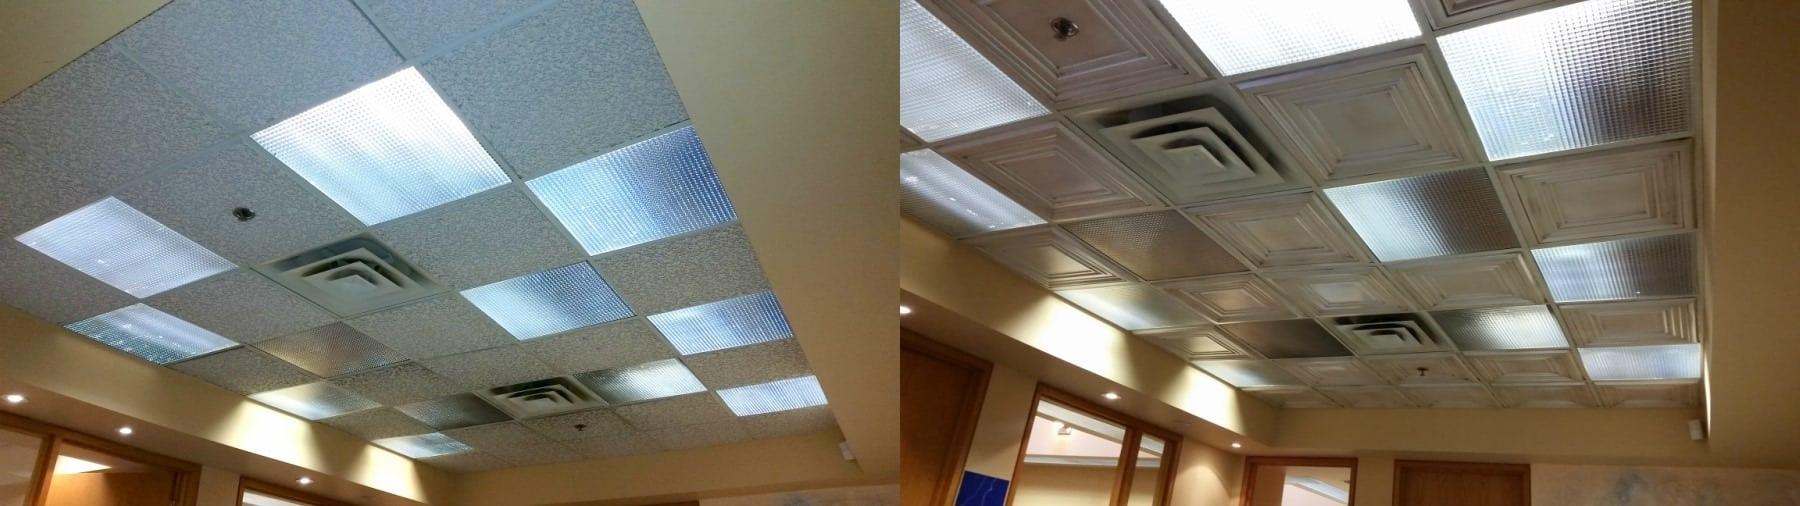 faux-ceiling-tiles